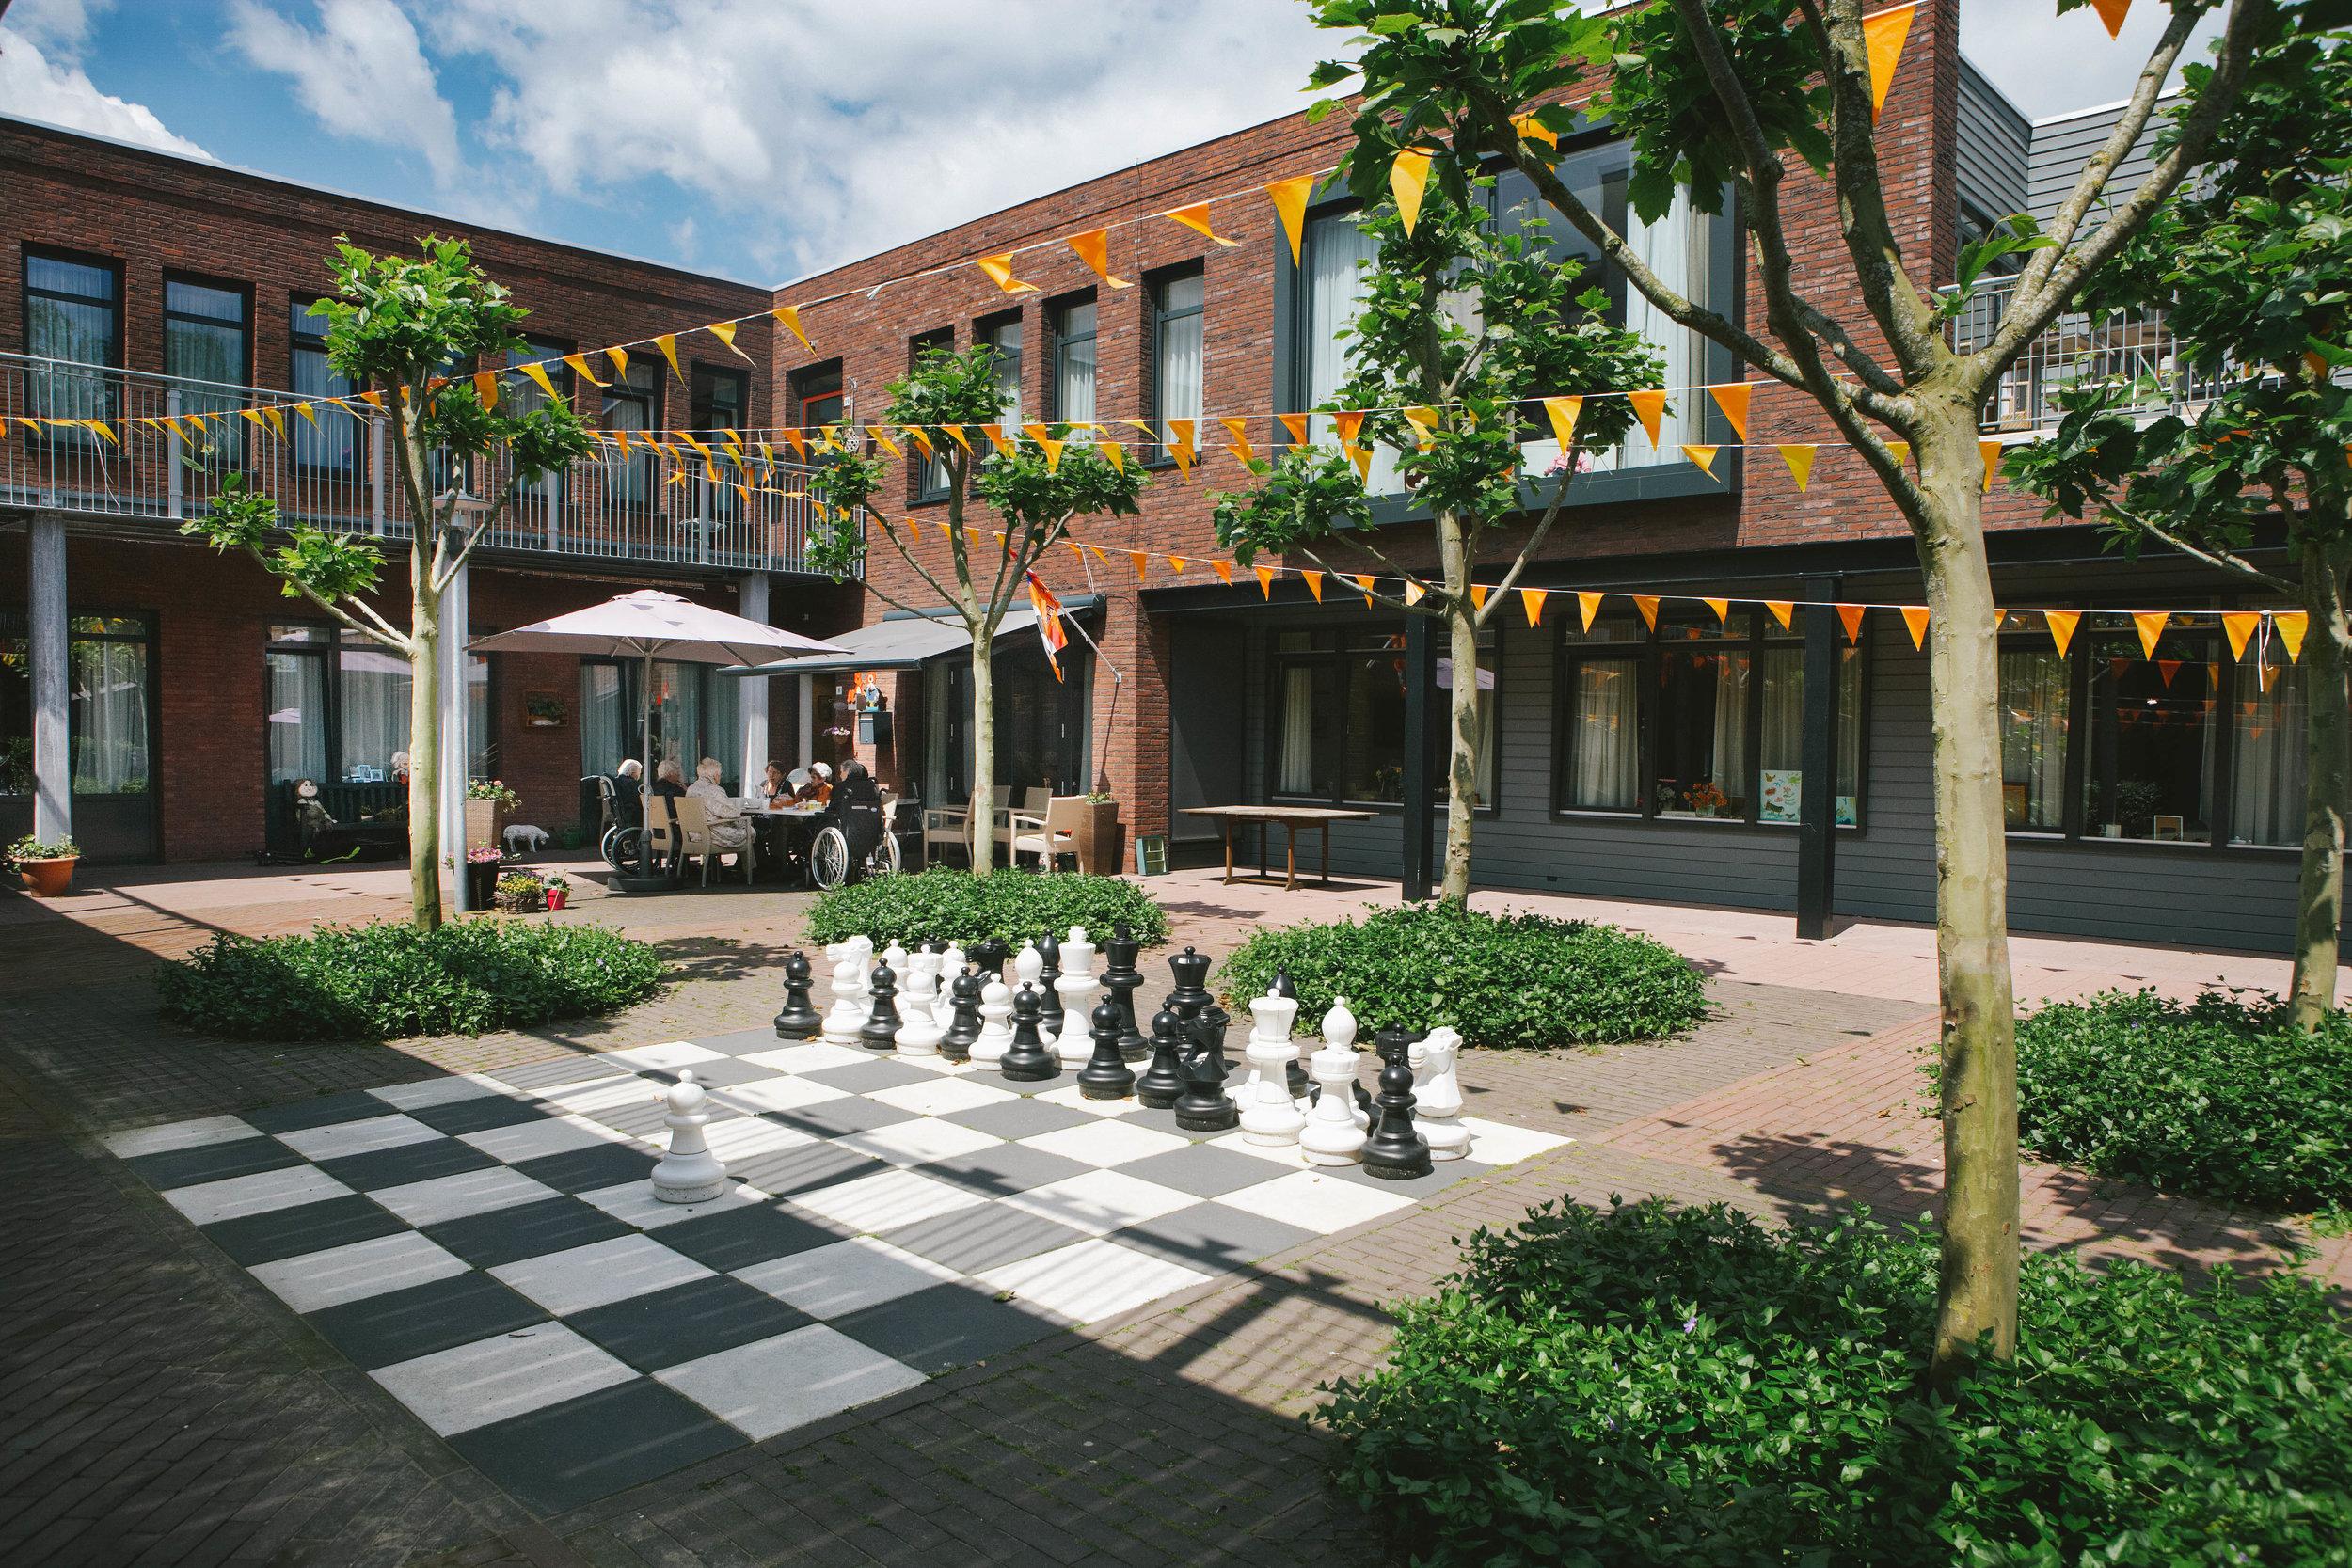 A residential courtyard at Korongee. Photo by Anita Edridge